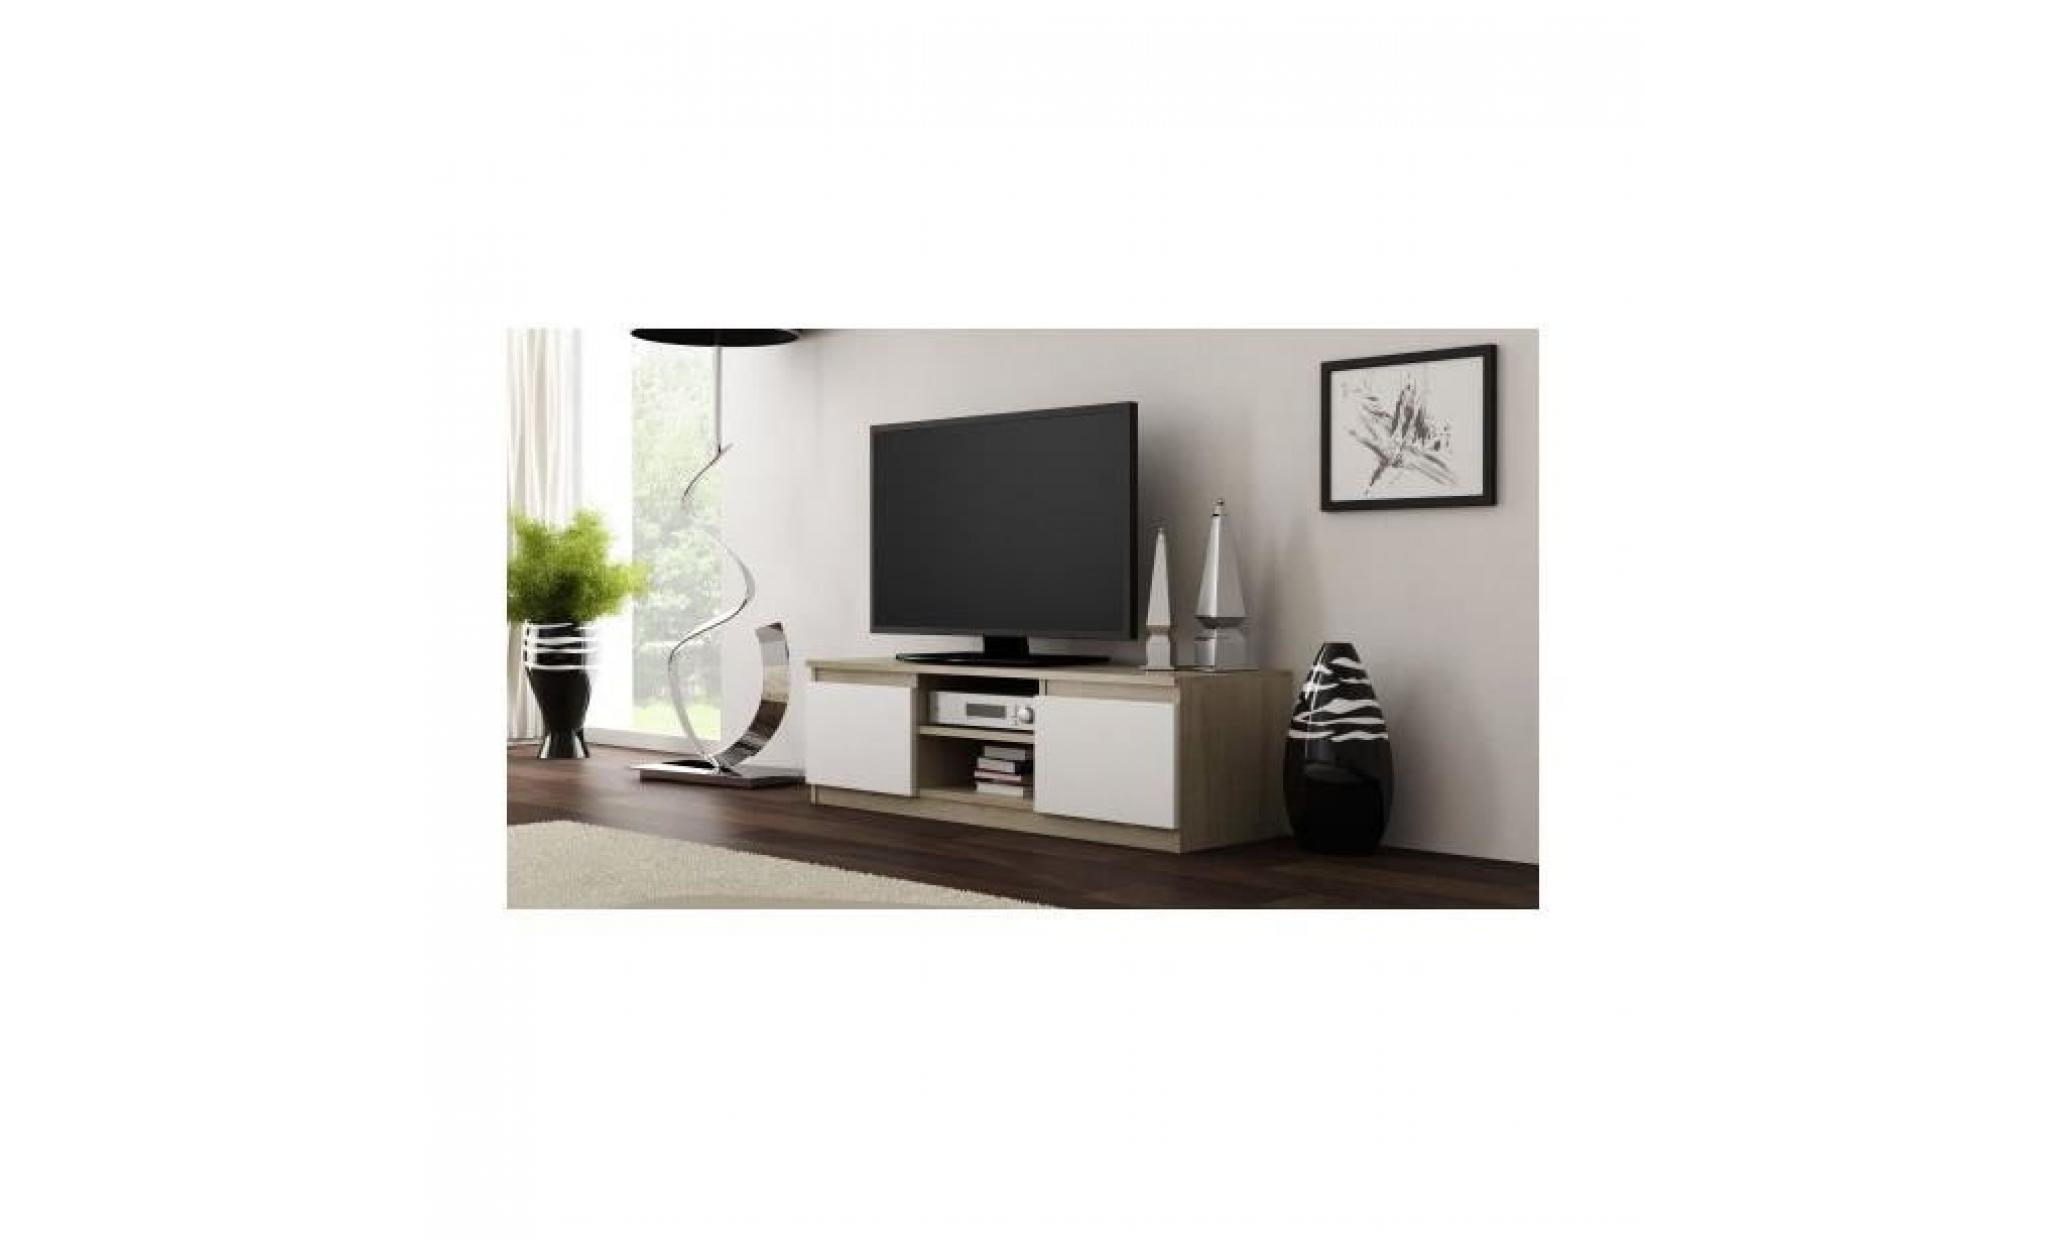 meuble tv moderne pour salon 120 cm 40 sonoma blanc achat vente meuble tv pas cher couleur et design fr